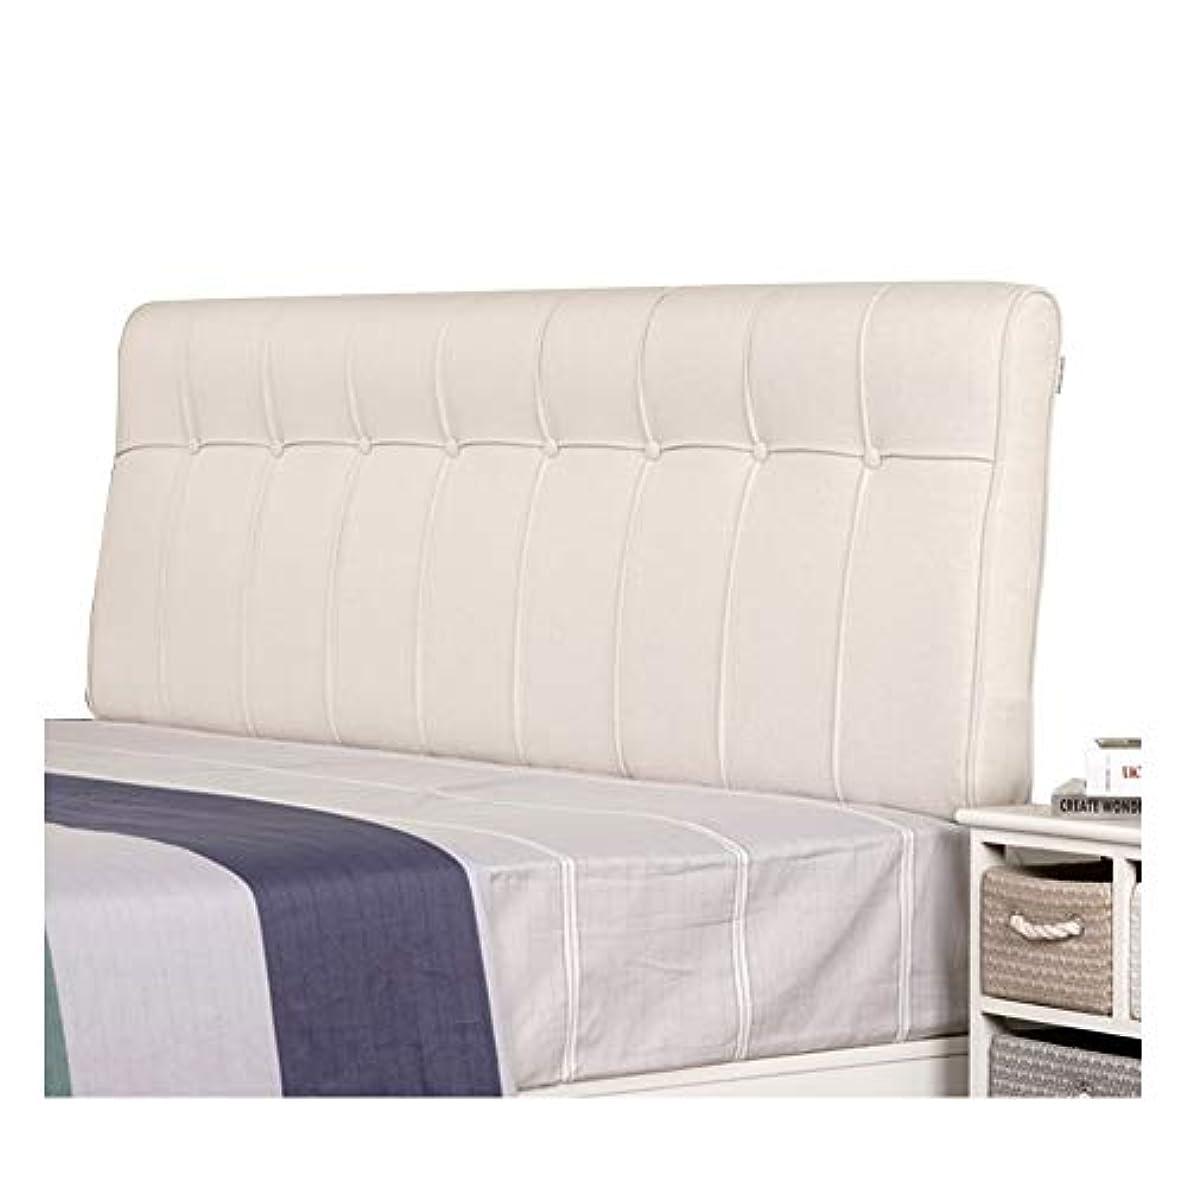 核地元インタフェースLIANGLIANG クションベッドの背もたれ ベッドサイド 読書枕 ウェッジベッド 腰椎 パッド 背もたれ 柔らかい 肌に優しい、 コットンとリネン、 5色 (Color : Beige, Size : 150cm)